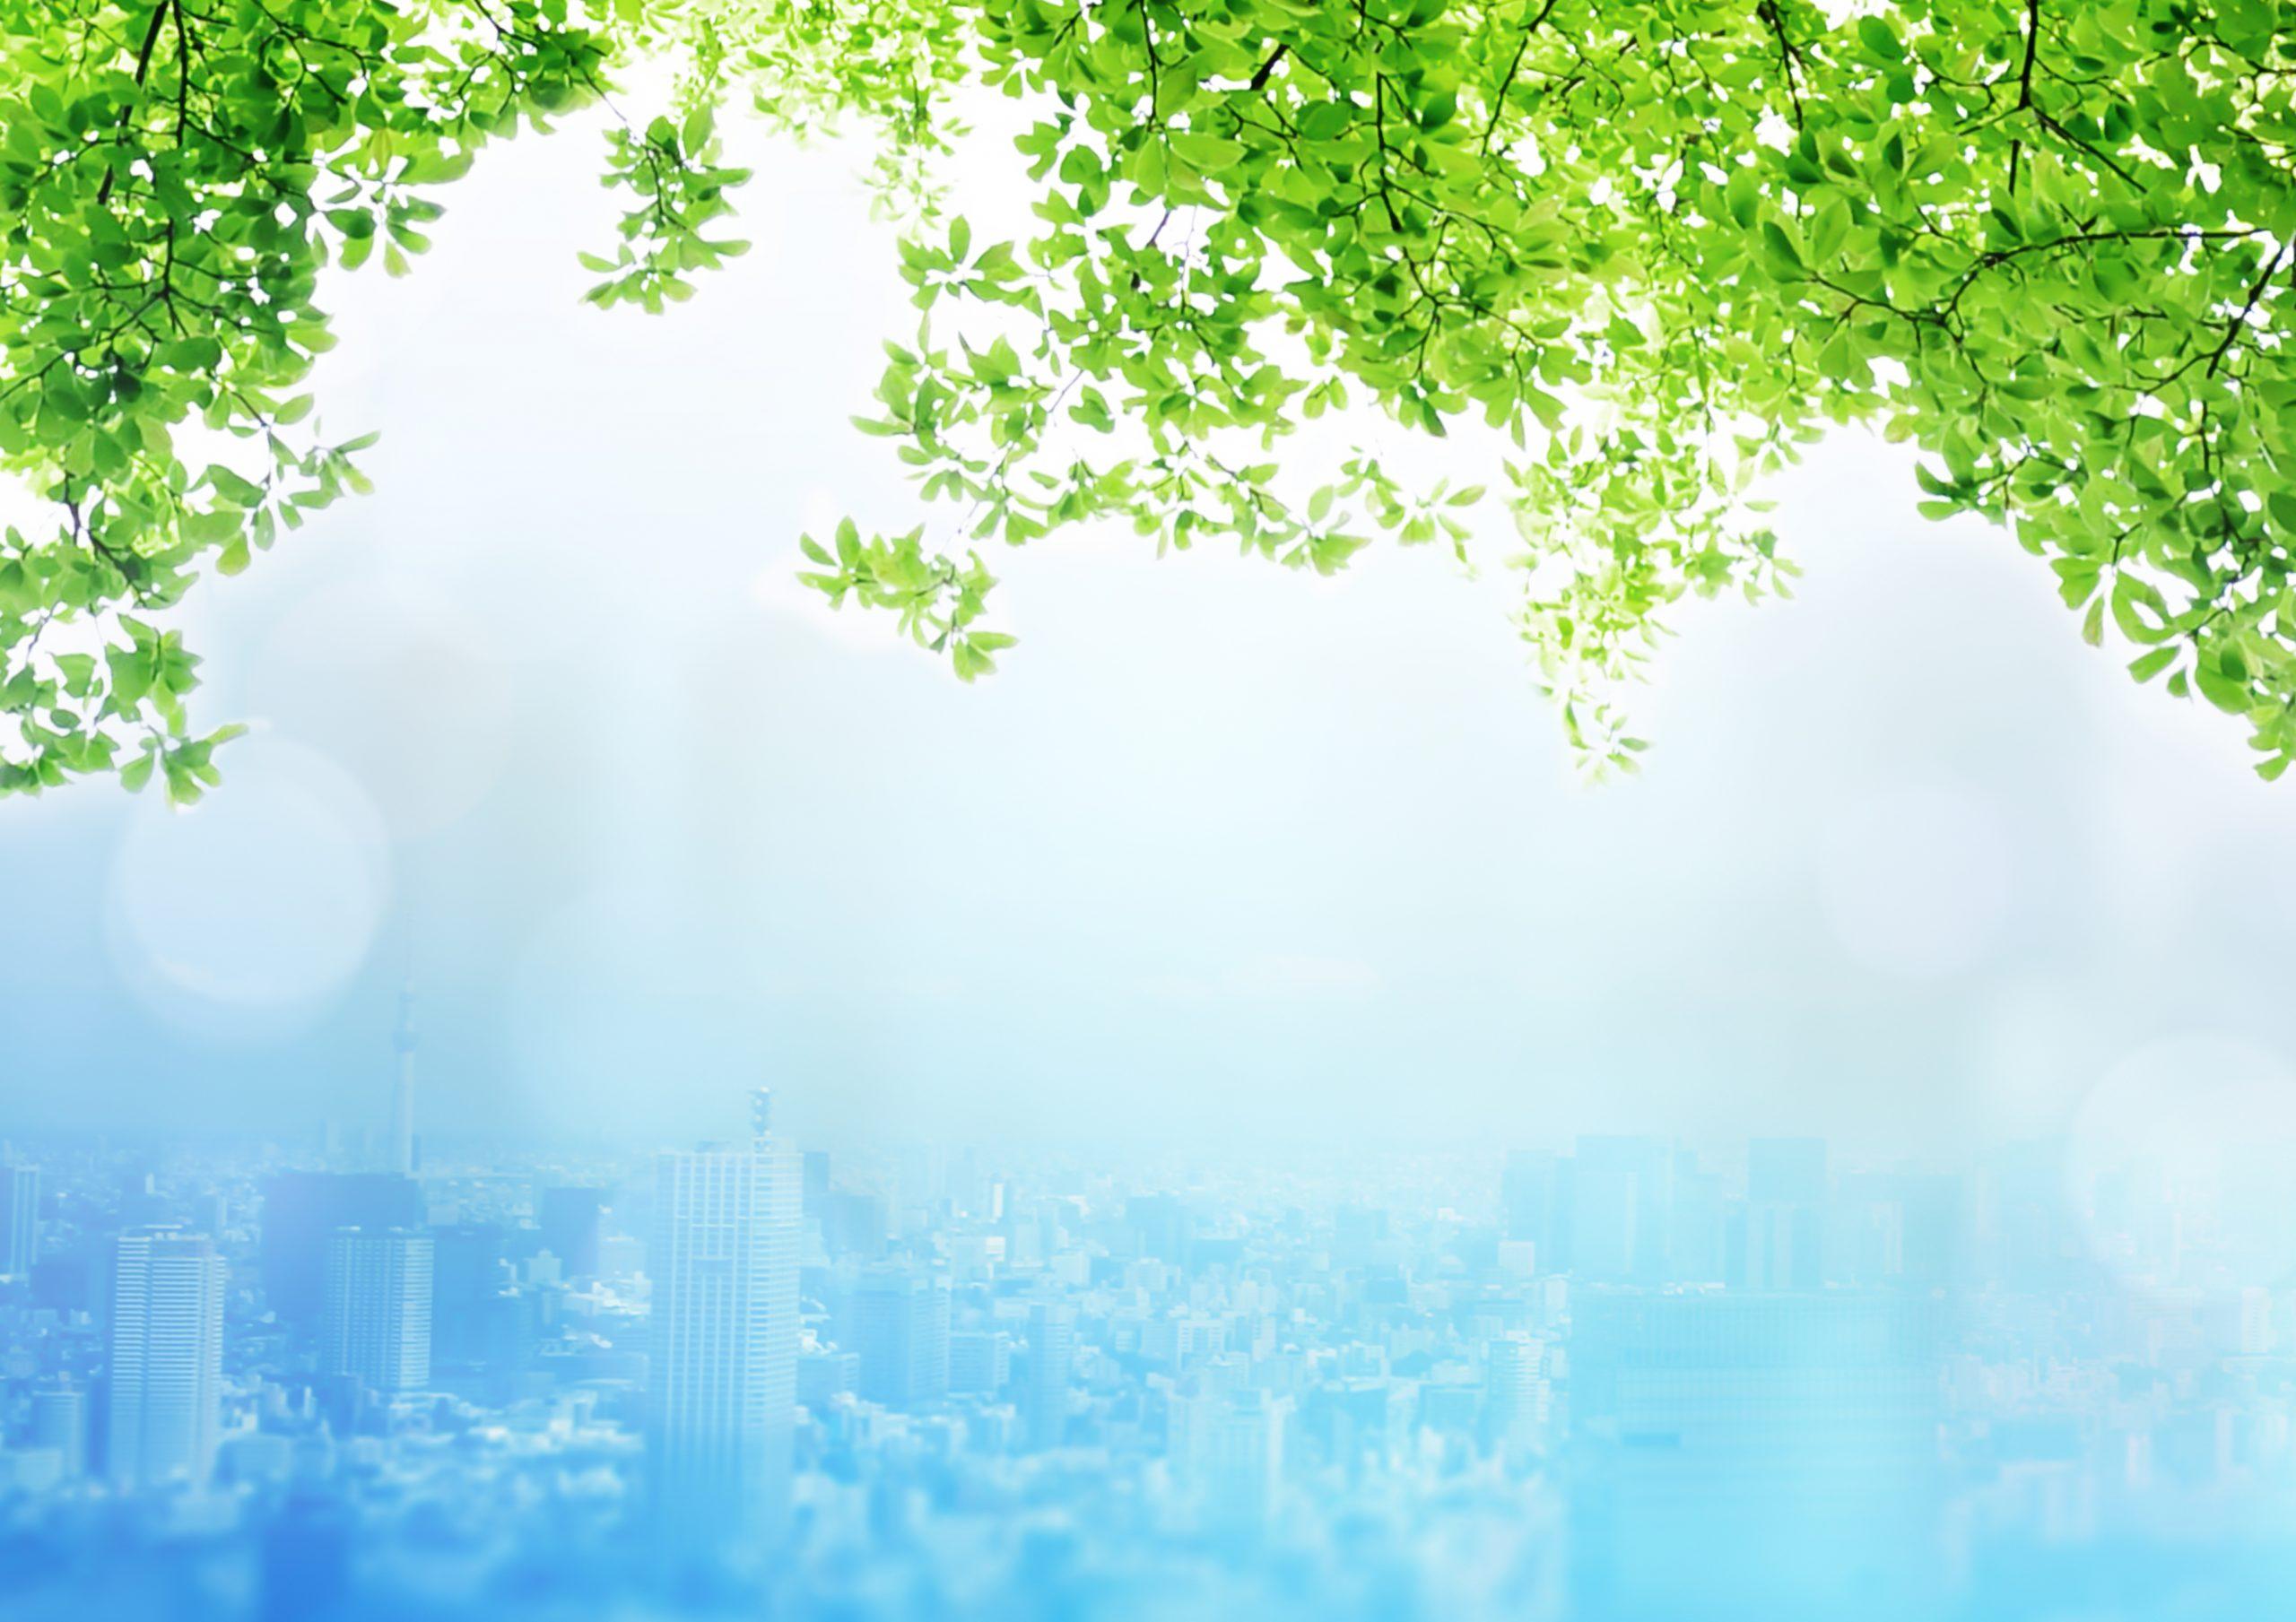 豊かな未来をつくる循環経済